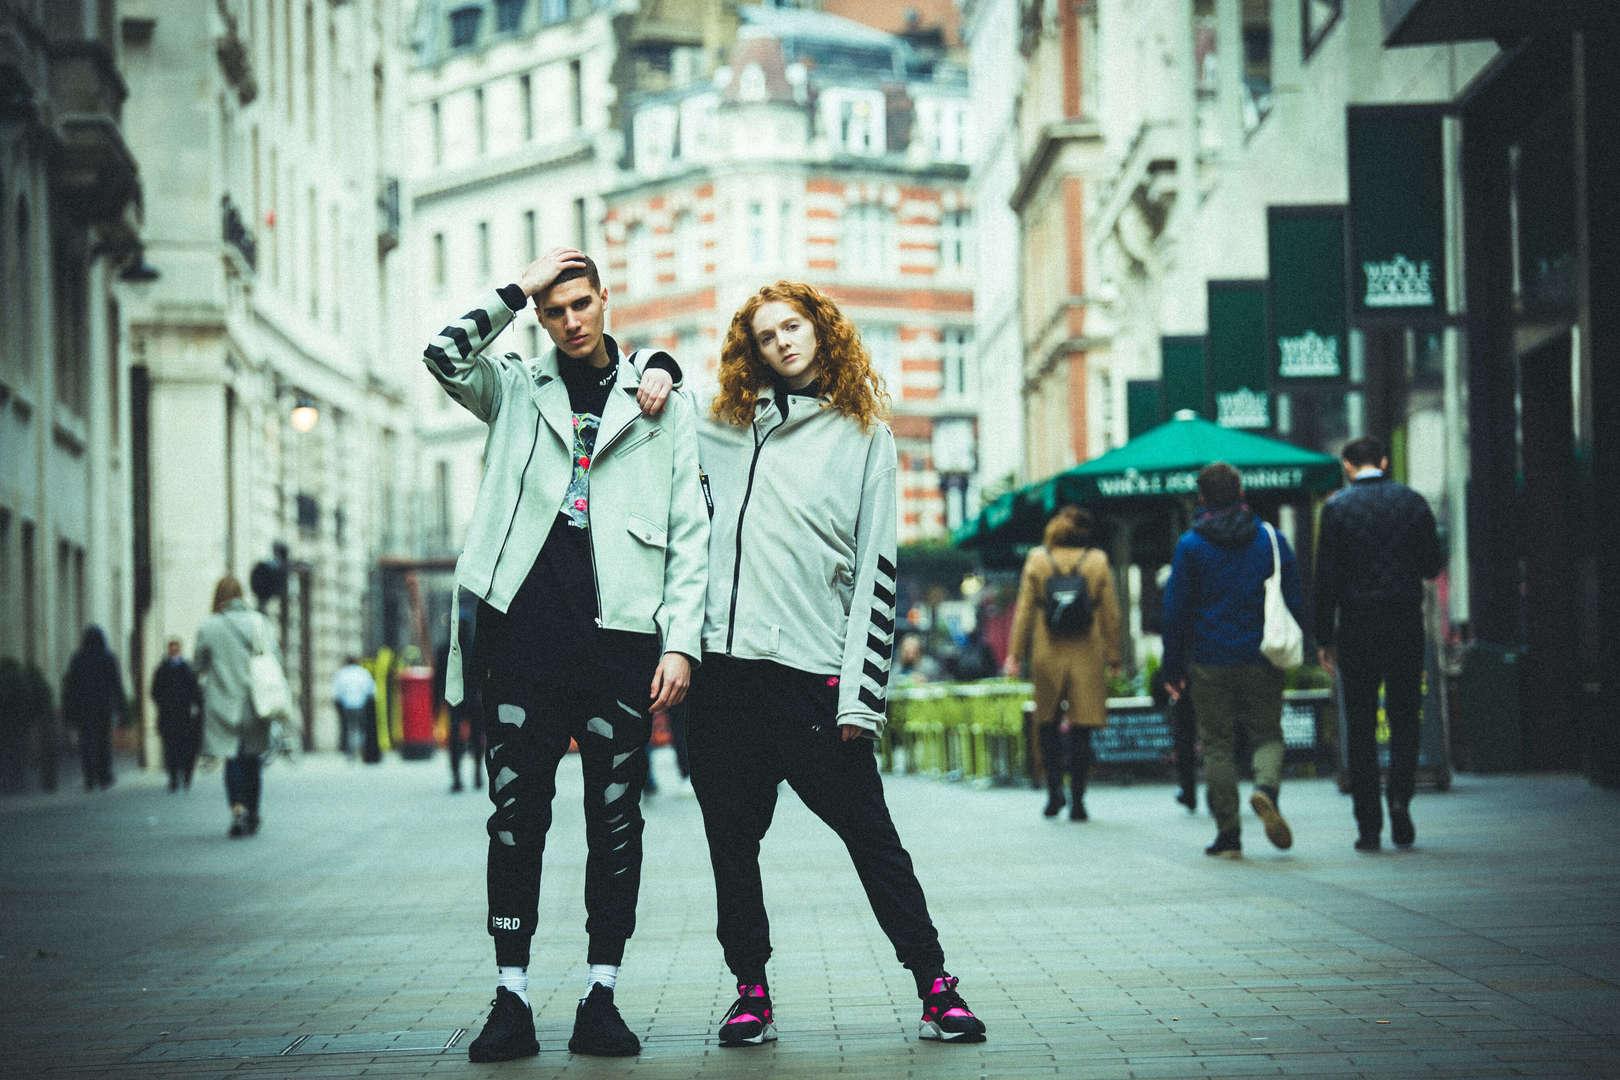 オシャレ好き歓迎!海外ストリート系ブランド- イベント サポートメンバー急募!!のカバー写真